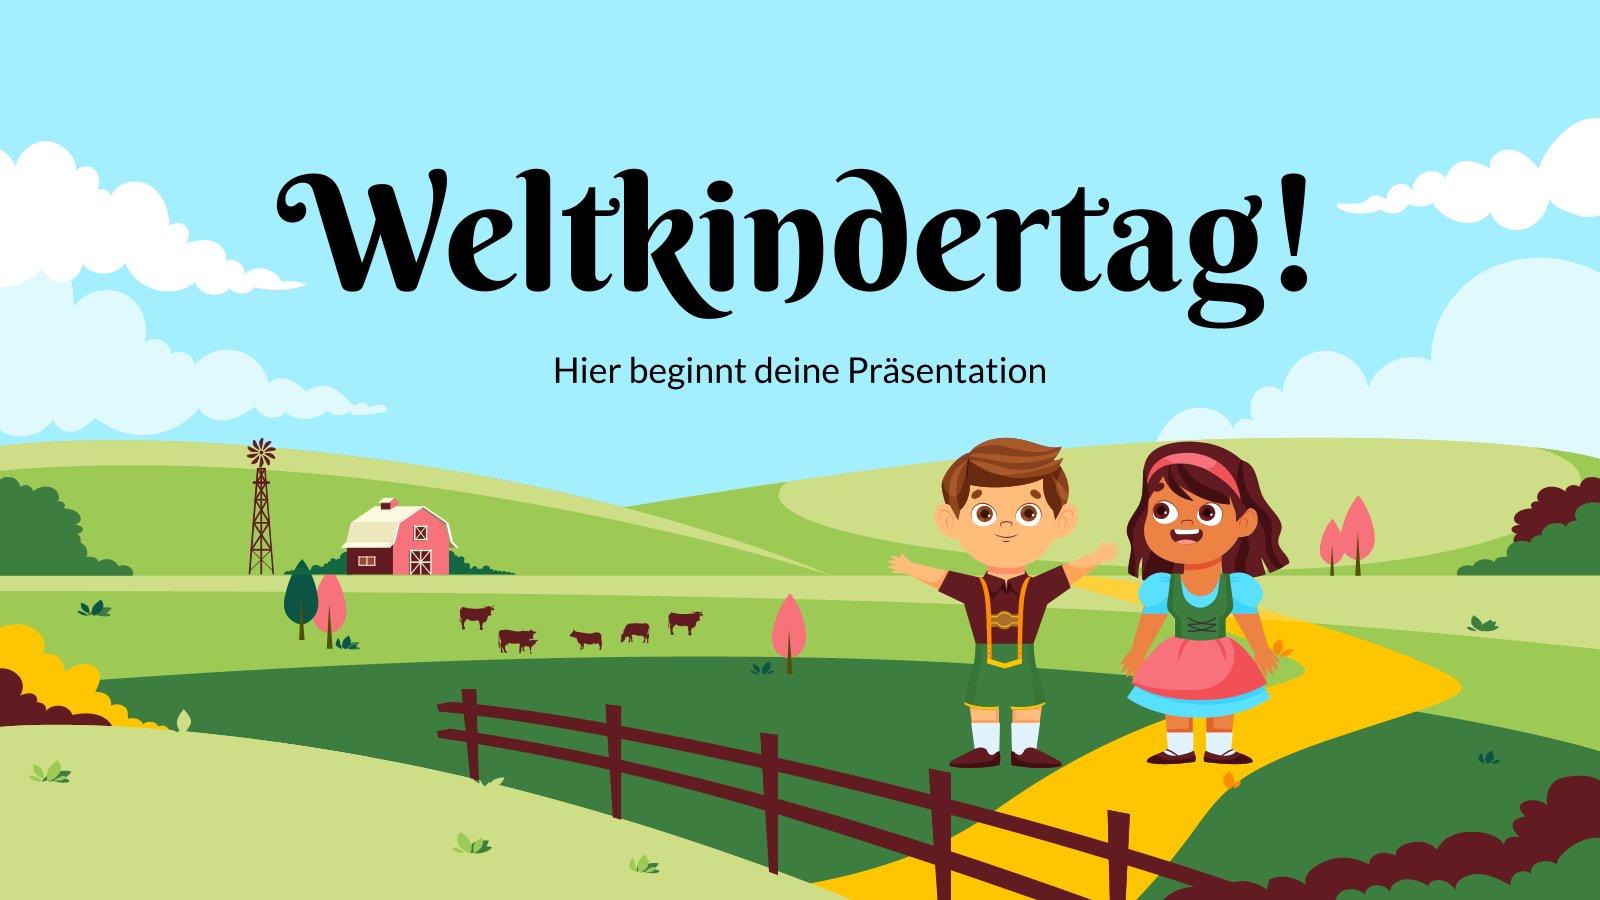 Weltkindertag! : Modèles de présentation